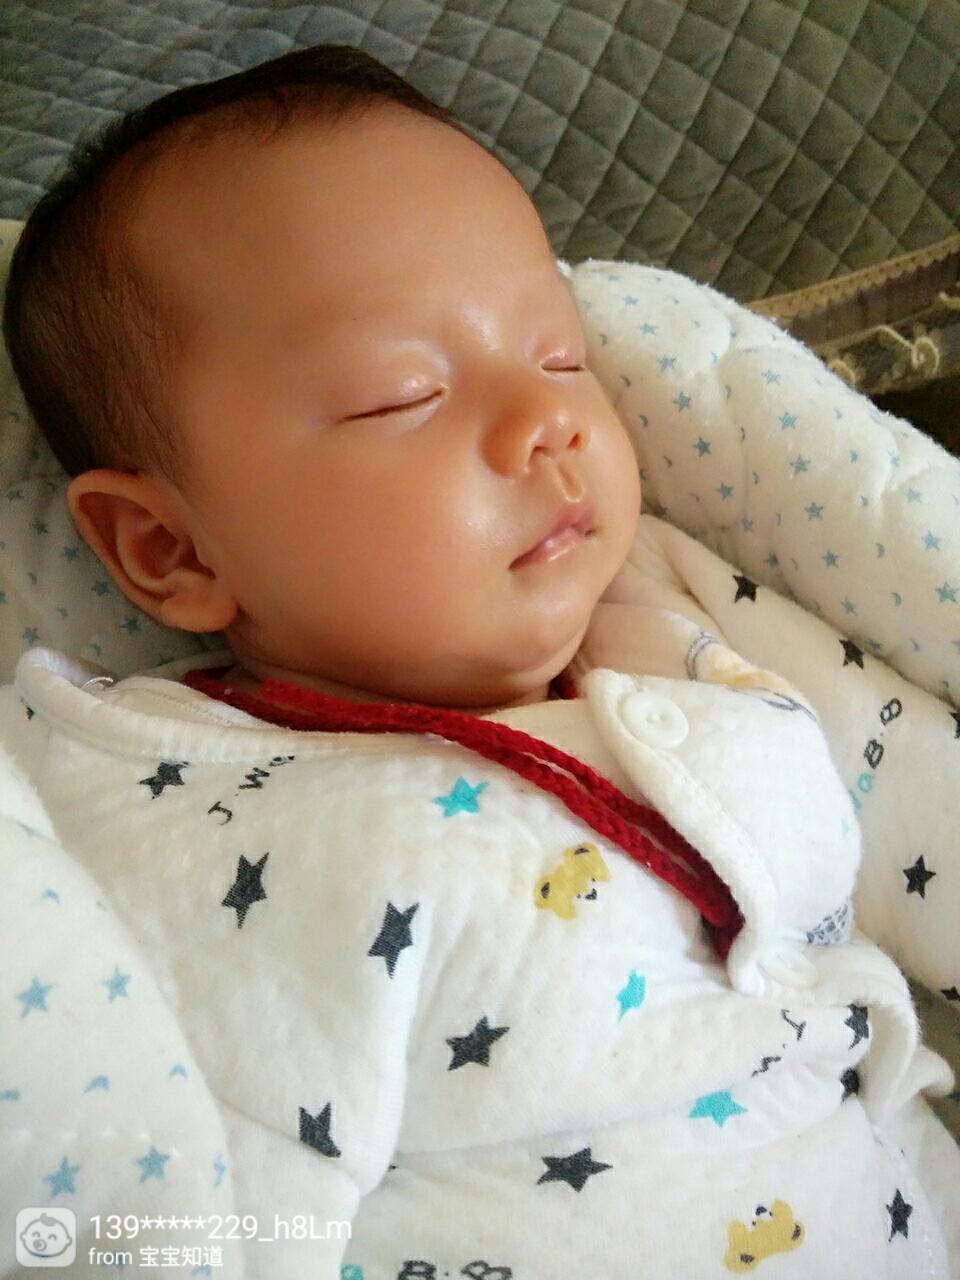 宝宝流鼻涕喉咙有痰_怎样帮宝宝把痰抠出来-怎么把宝宝痰吸出来/怎么让宝宝把痰吐 ...